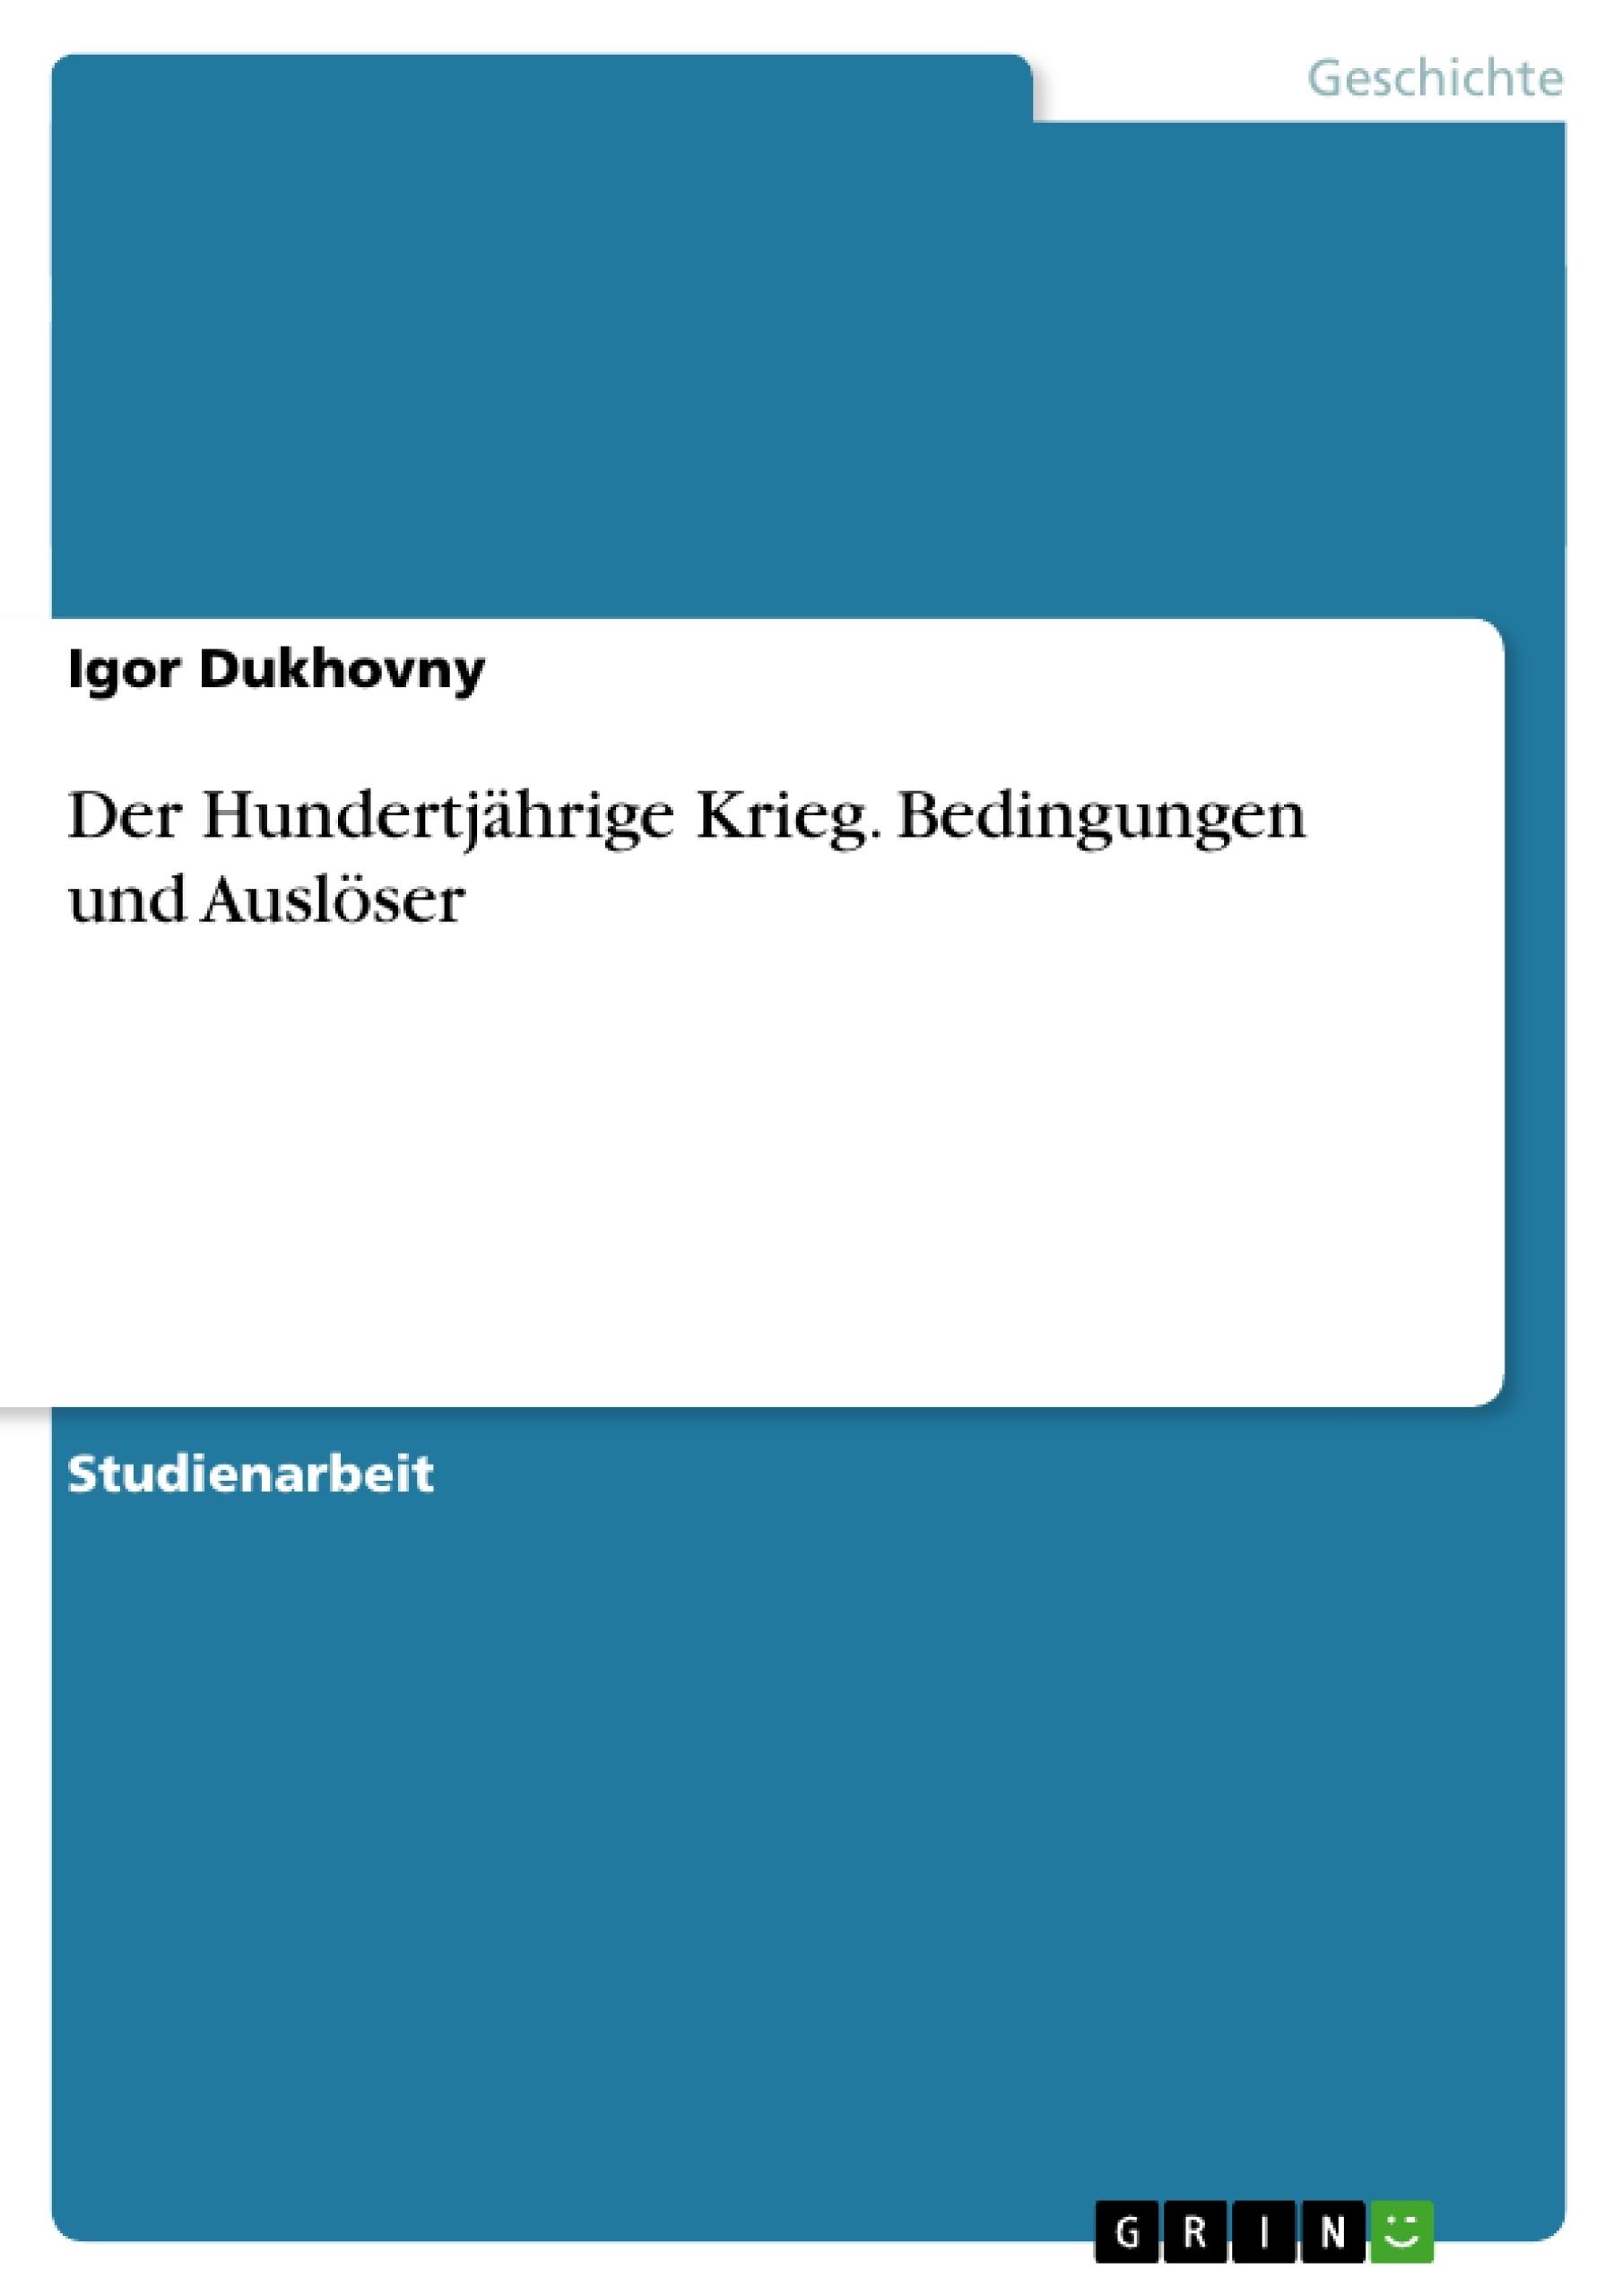 Titel: Der Hundertjährige Krieg. Bedingungen und Auslöser